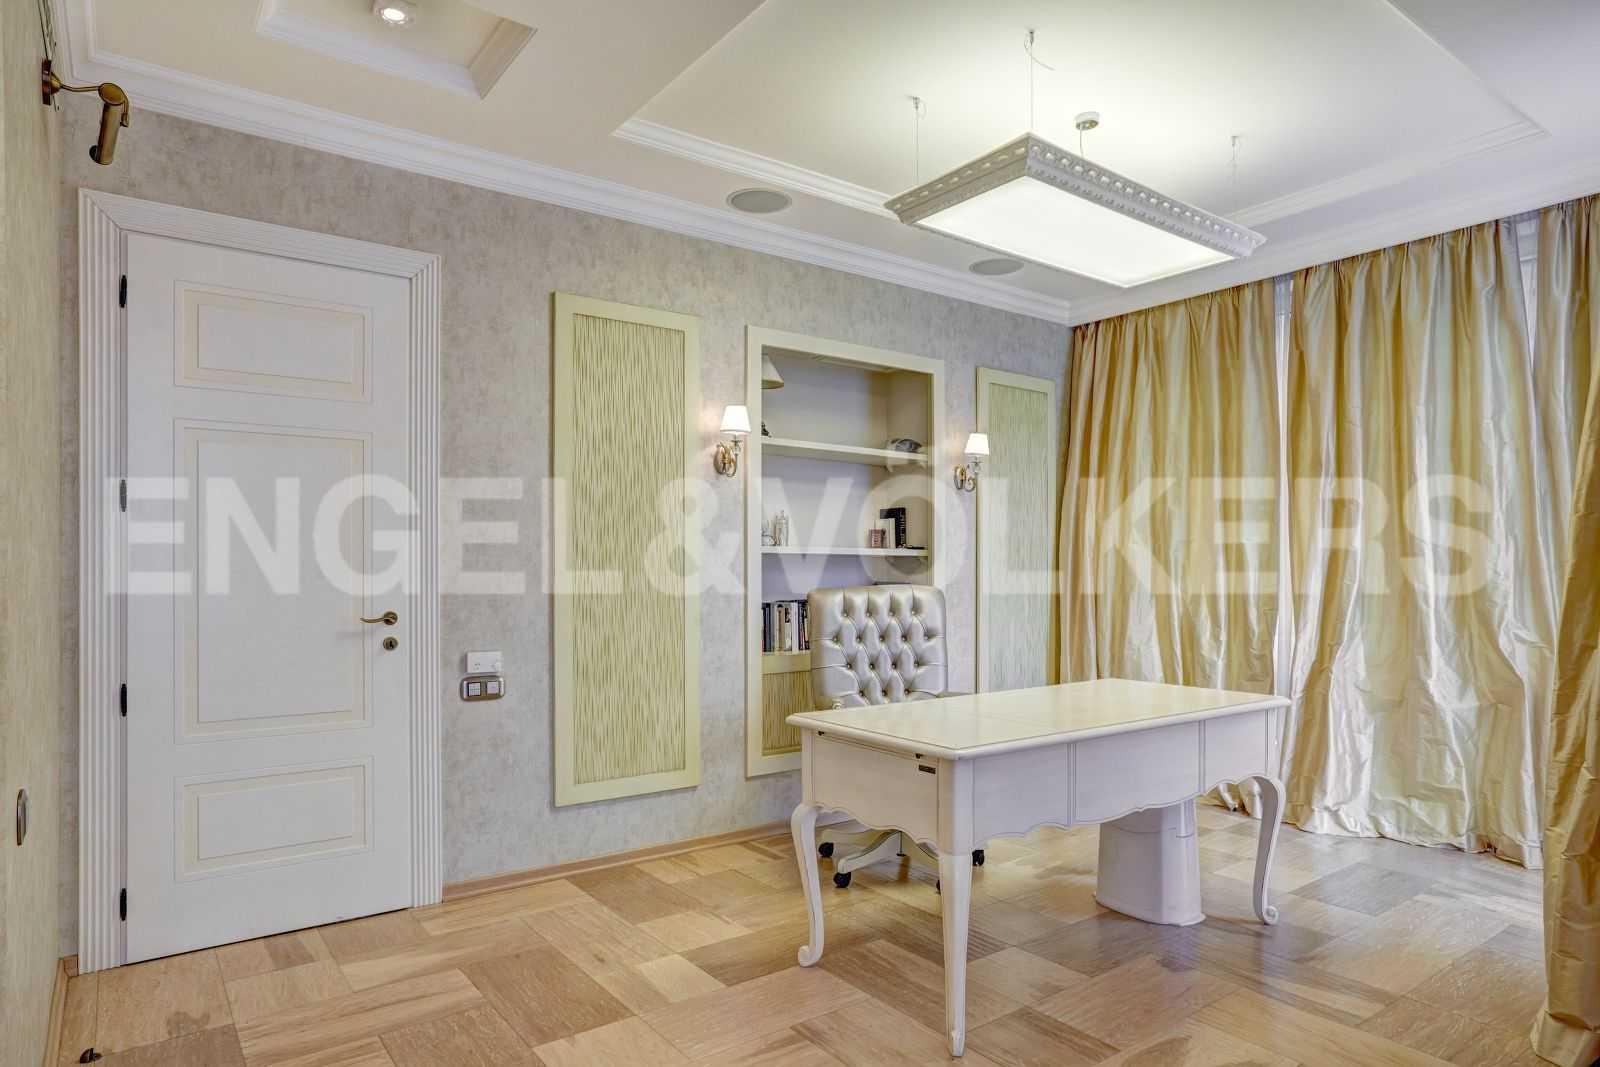 Элитные квартиры в Центральном районе. Санкт-Петербург, Тверская, 1А. Зона кабинета в спальне